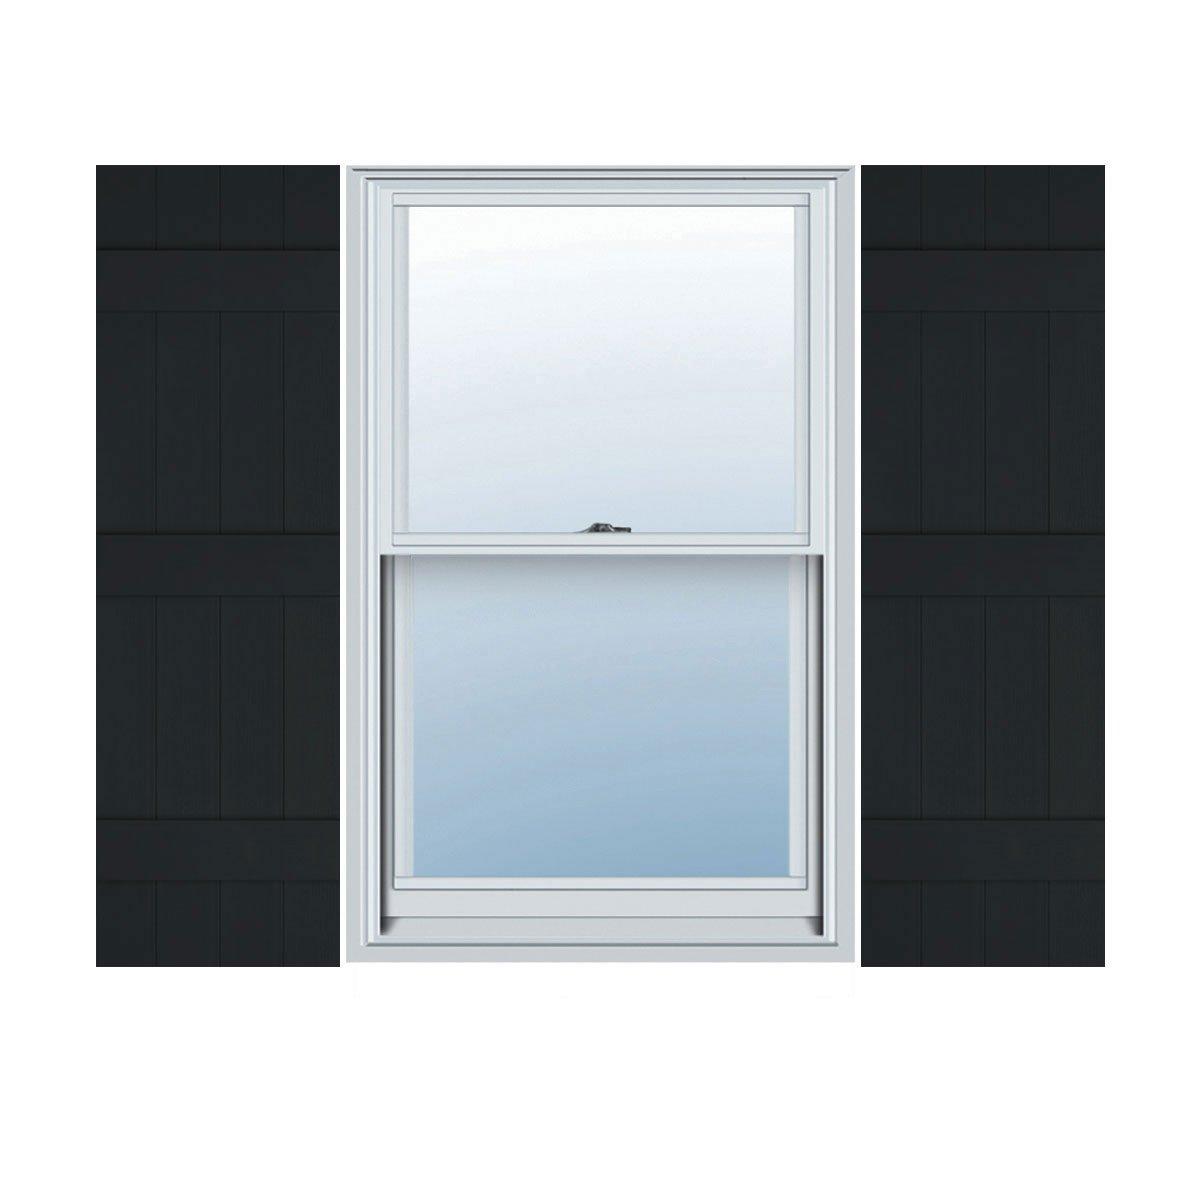 14''W x 63''H Builders Edge Shutters (Per Pair), 002 - Black by Builders Edge